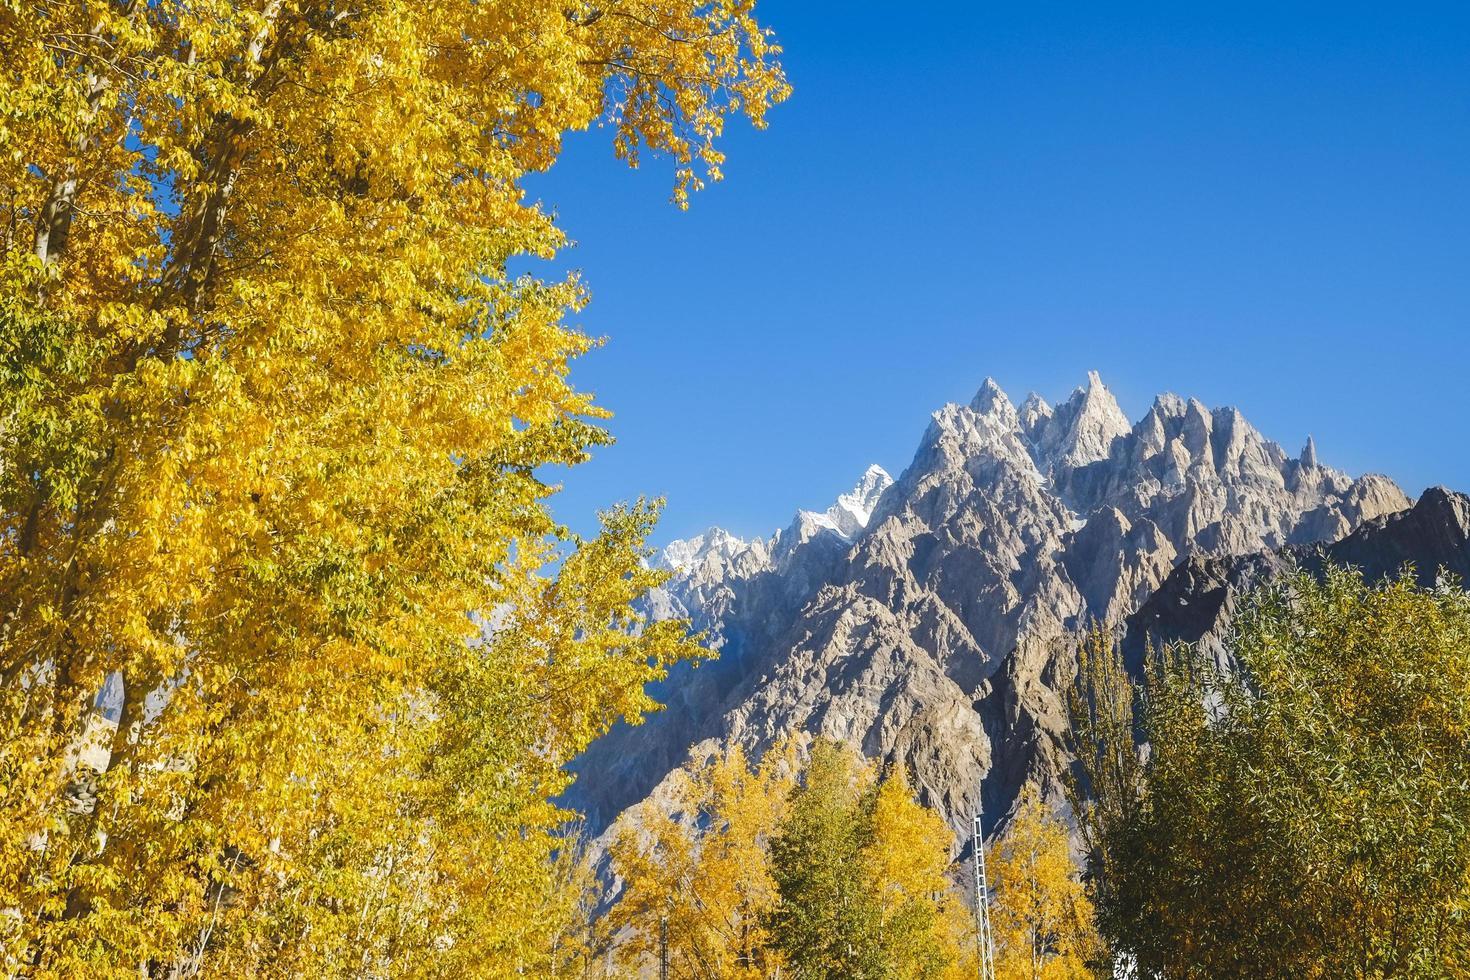 gele bladeren bomen in de herfst foto